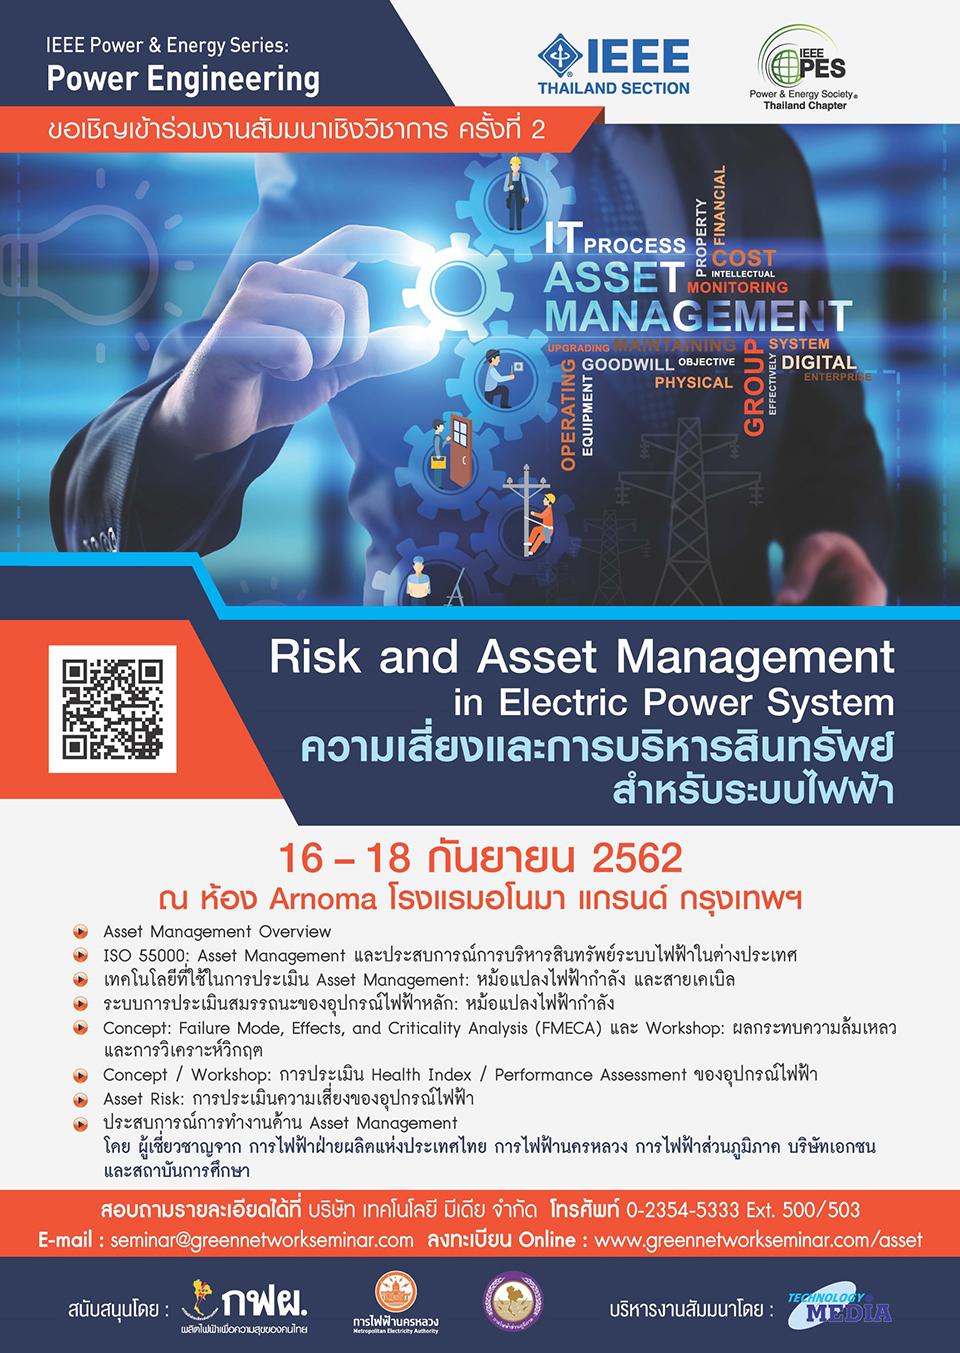 """สัมมนาเชิงวิชาการ """"ความเสี่ยงและการบริหารสินทรัพย์สำหรับระบบไฟฟ้า"""" Risk and Asset Management in Electric Power System"""